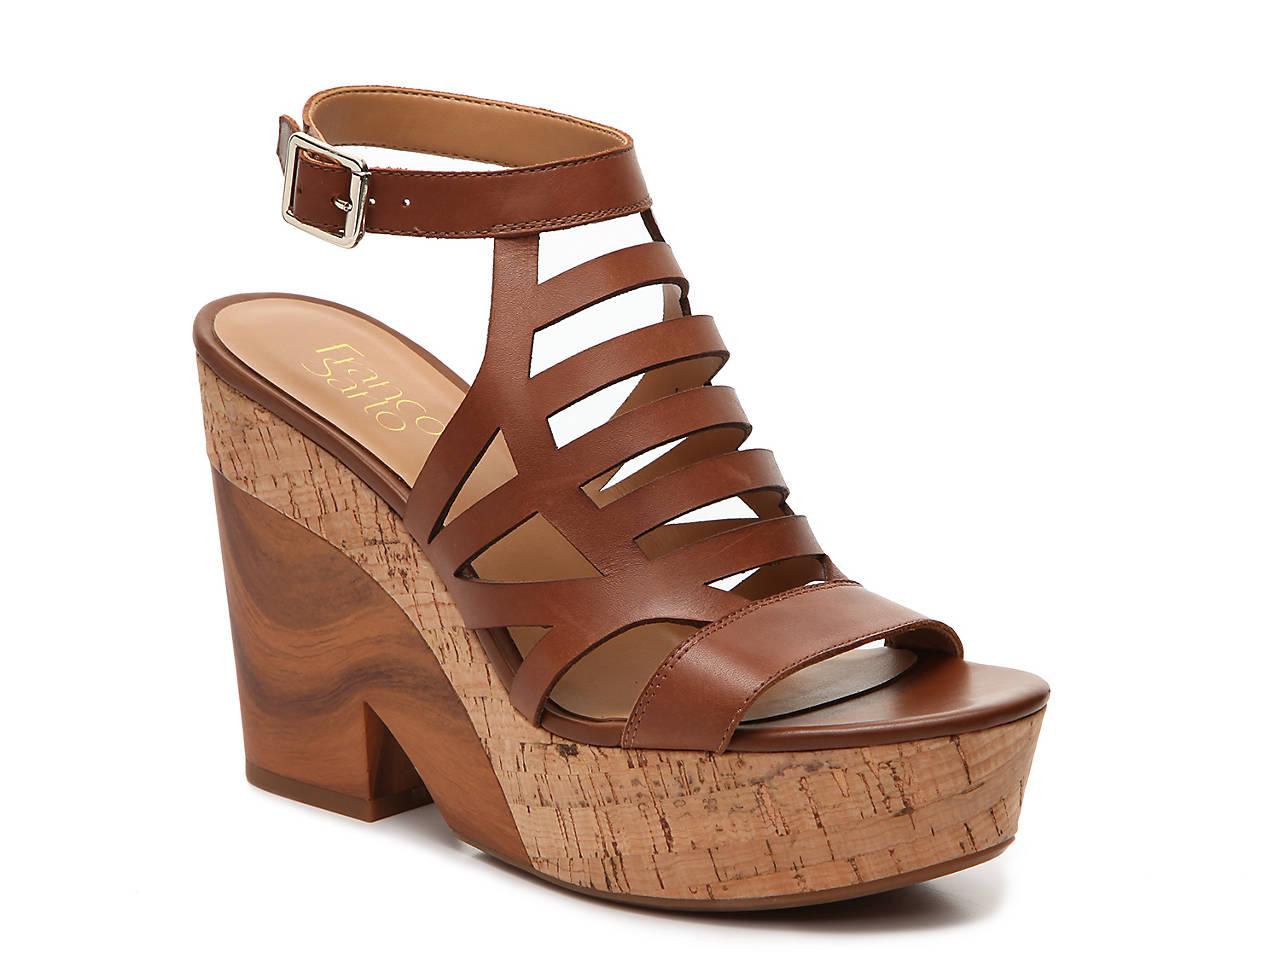 45d91e2fabd1 Franco Sarto Jiminy Wedge Sandal Women s Shoes